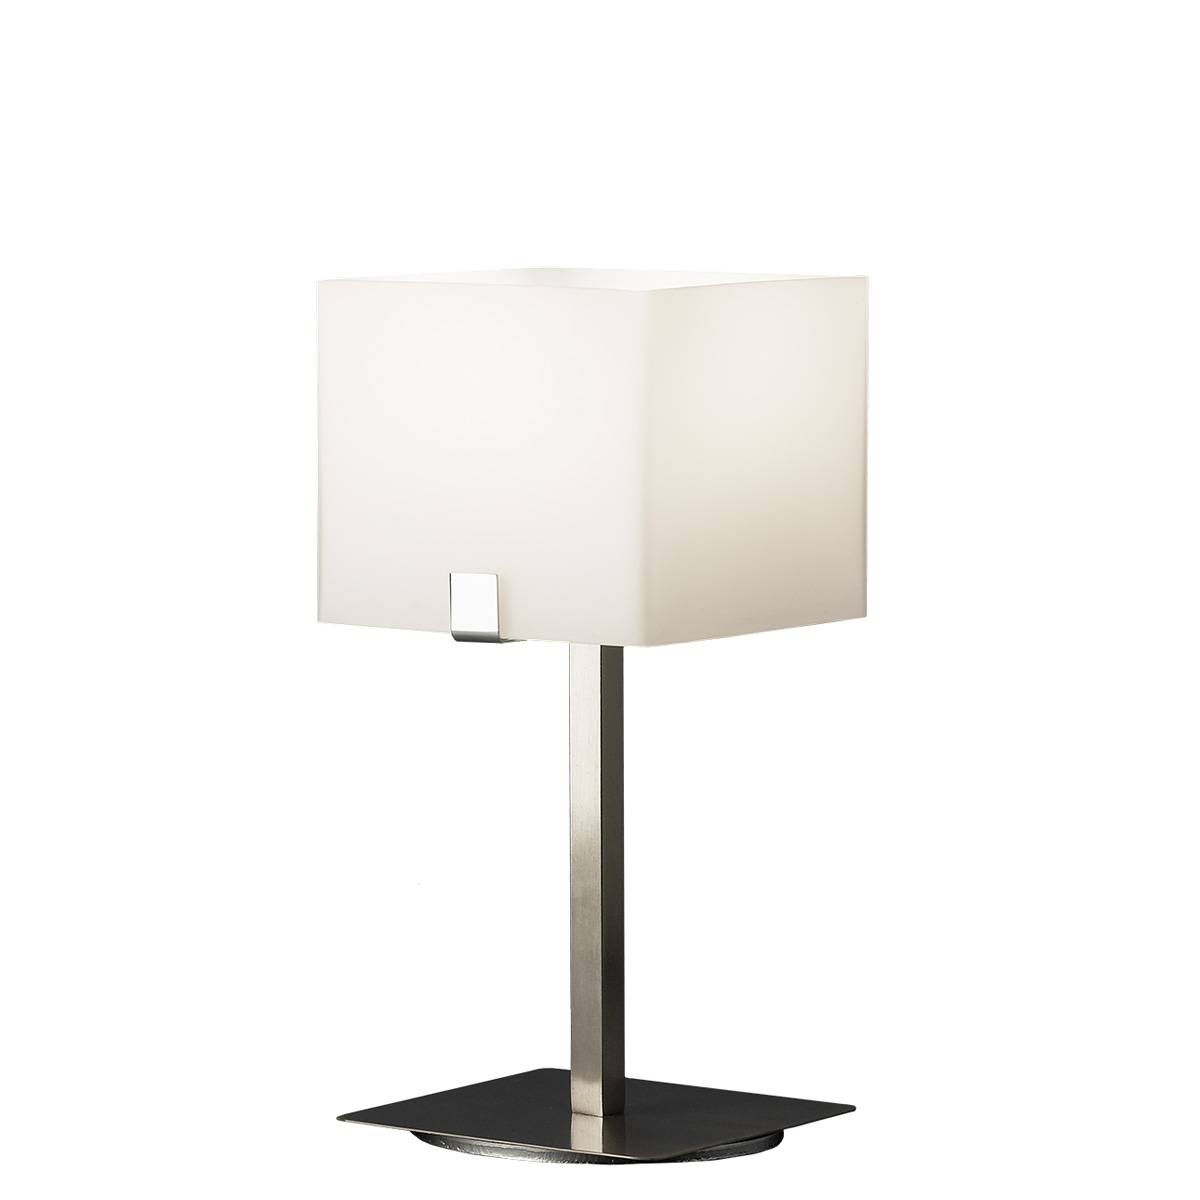 Μοντέρνο πορτατίφ Μουράνο ΚΥΒΟΙ modern Murano table lamp